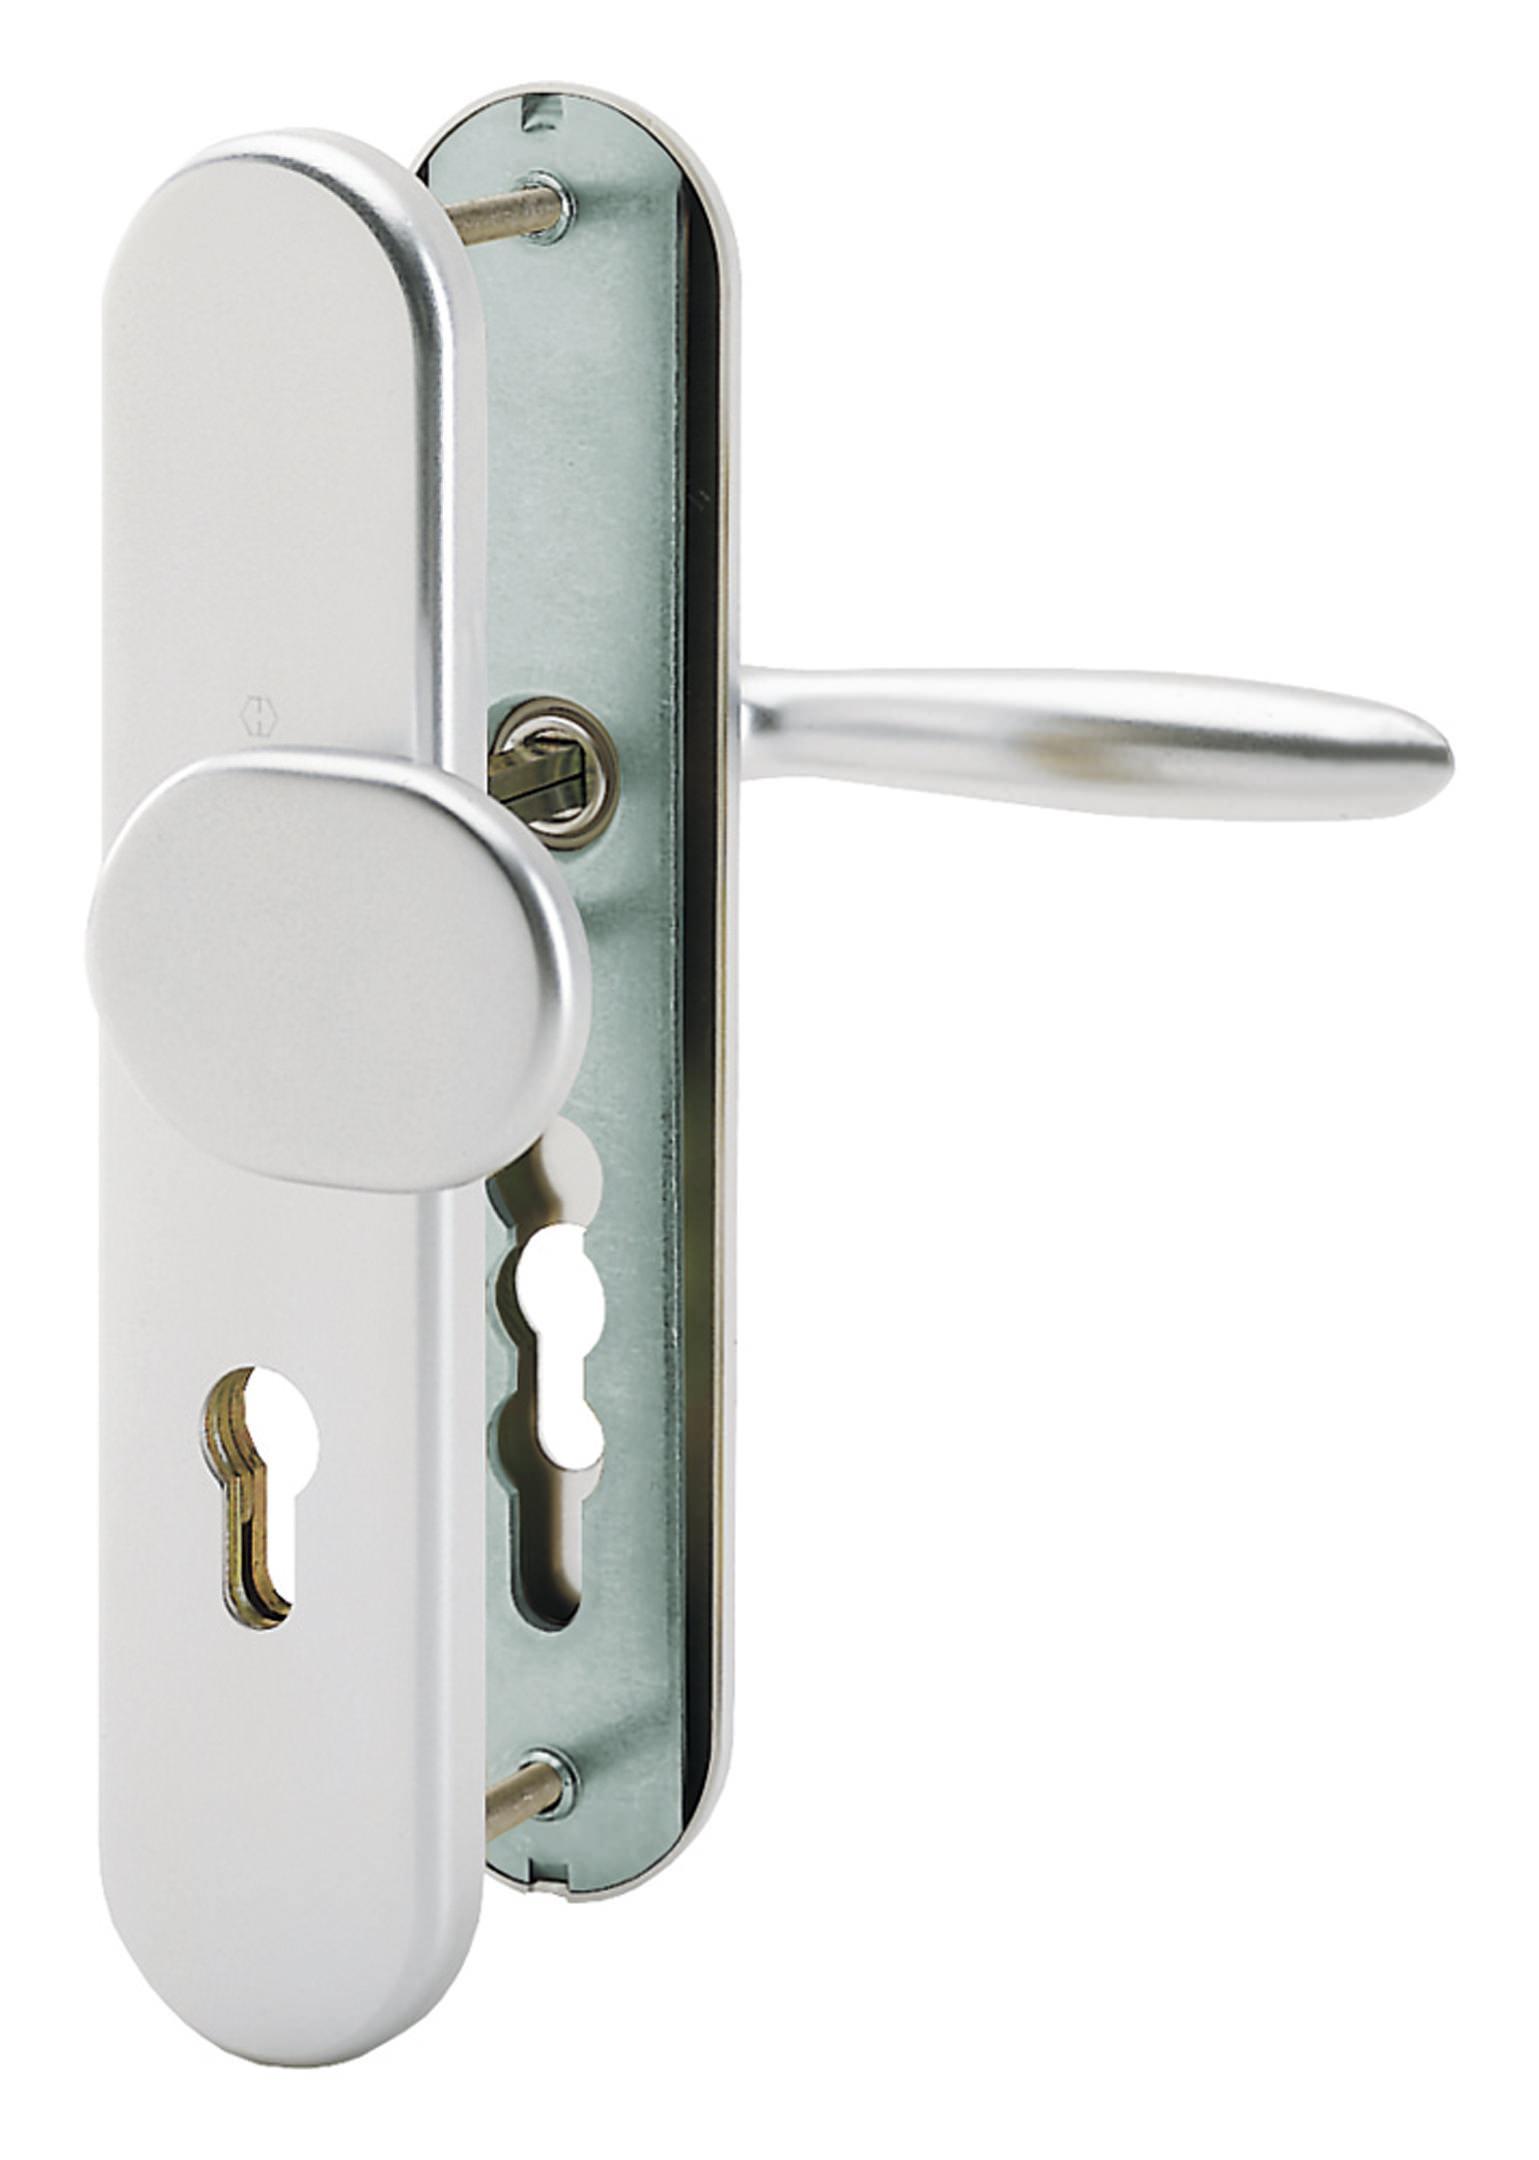 3664785 Hoppe Sicherheits-Wechselgarnitur 76G//3331//3410//1810 HSSTES1 F1 8 PZ ..